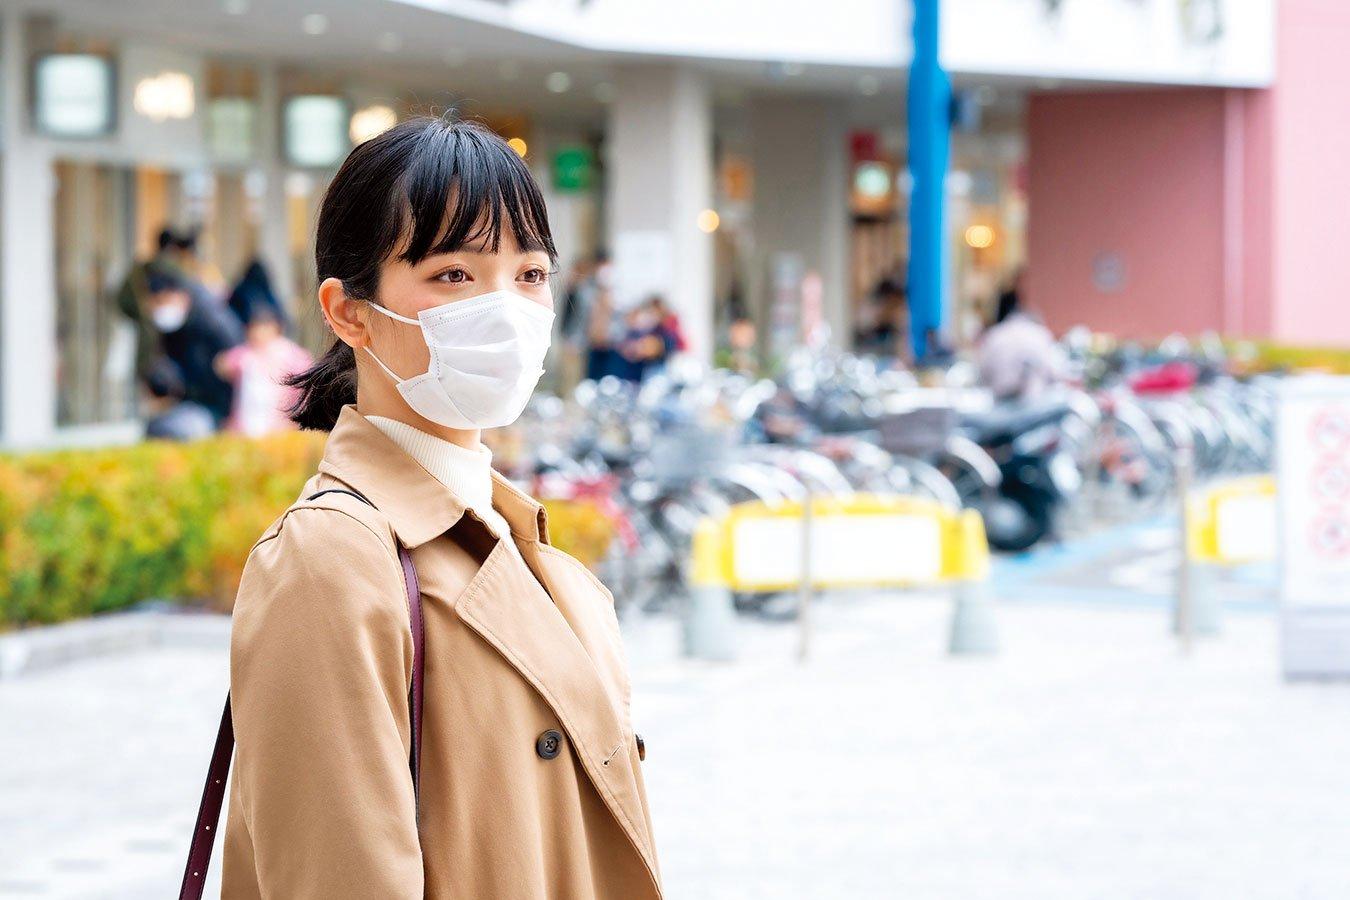 戴口罩外出時可以綁馬尾,以減少病菌附著散髮。(shutterstock)